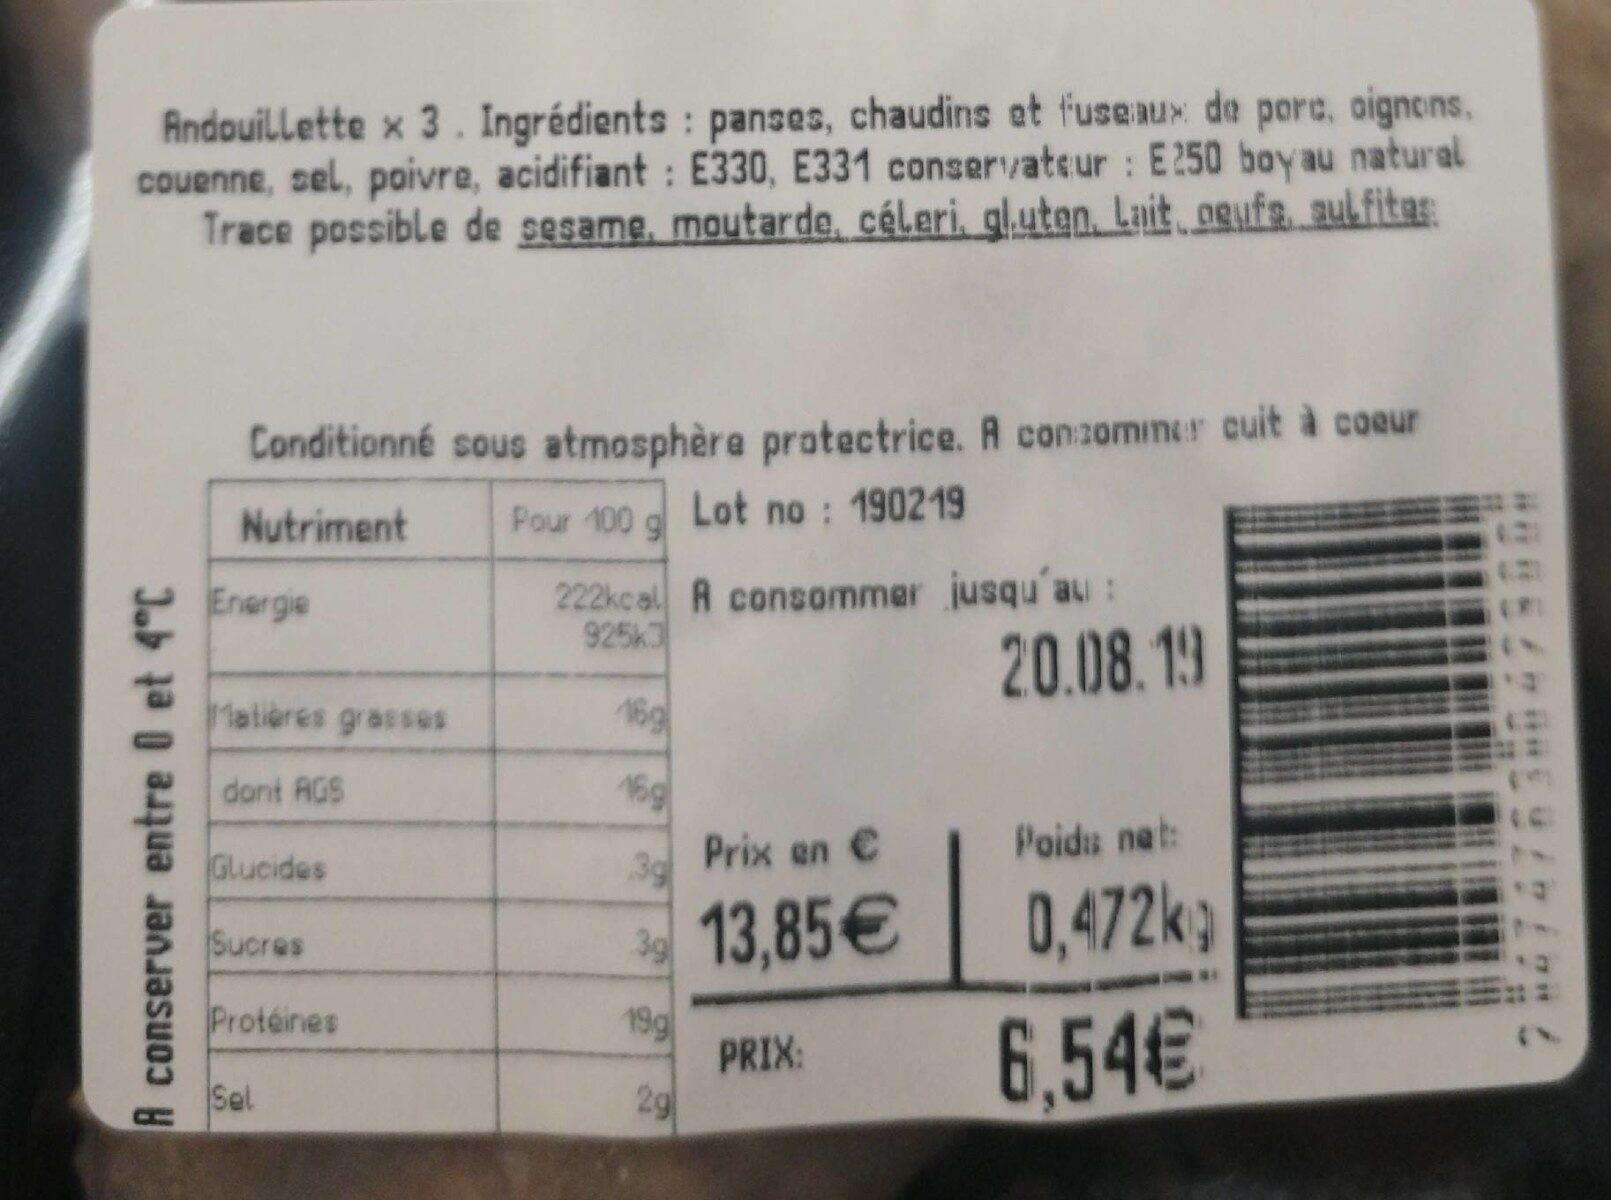 Andouillette paysanne - Informations nutritionnelles - fr